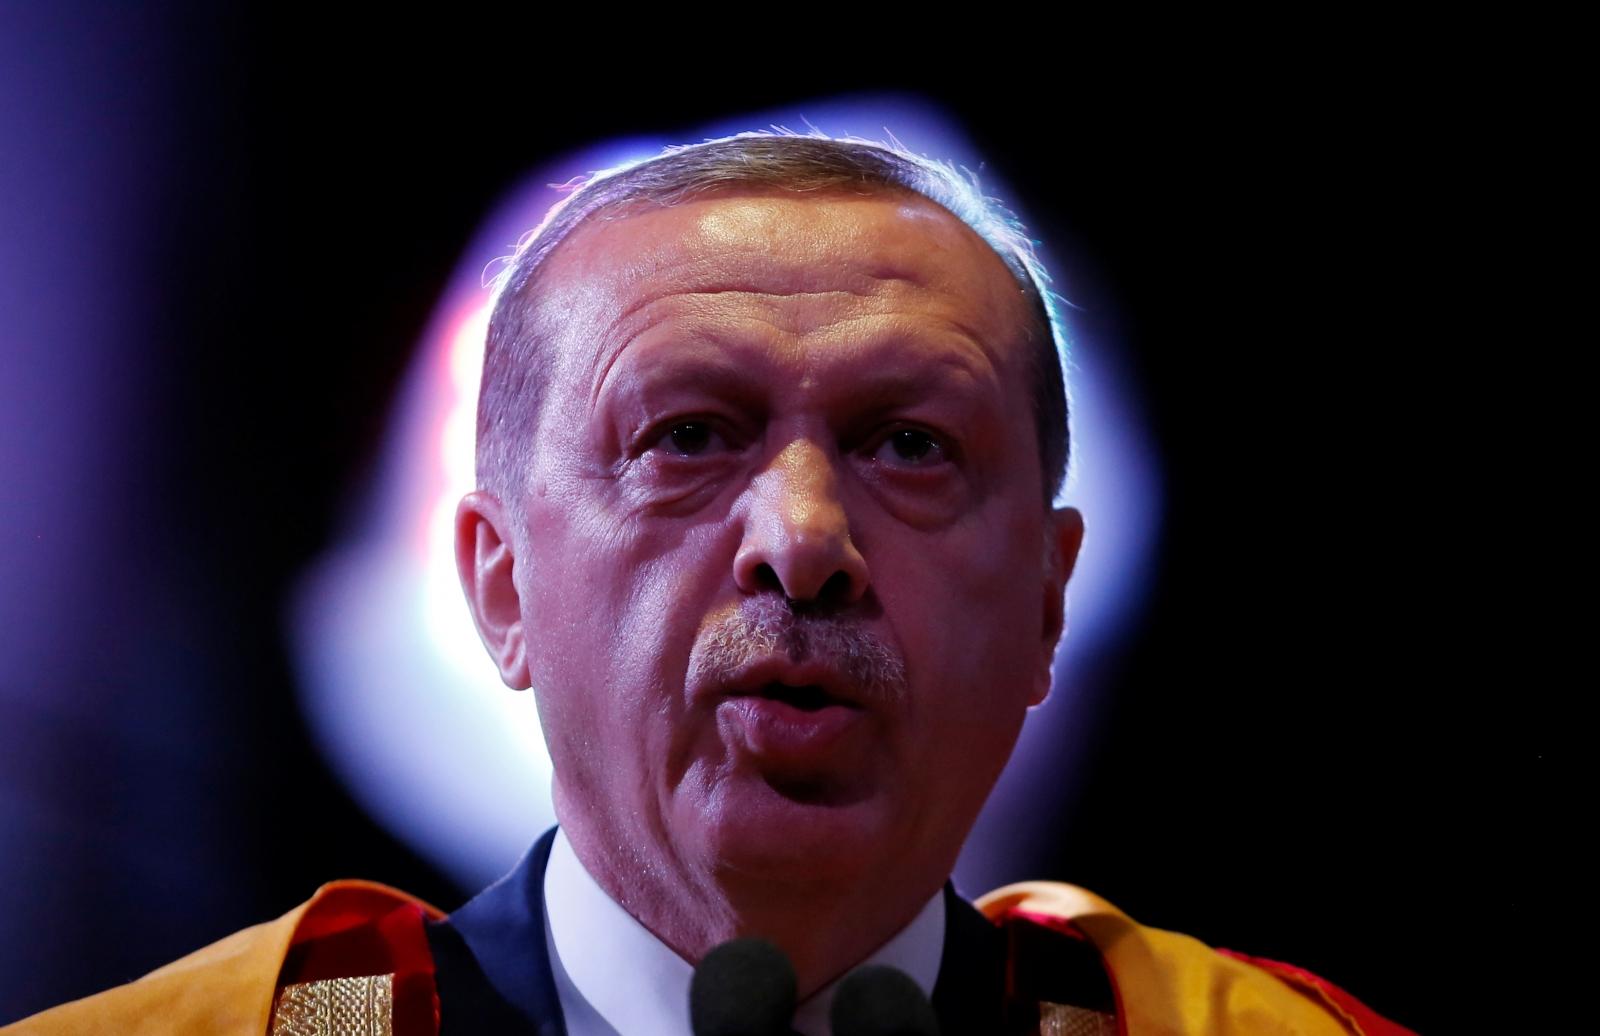 Turkey Erdogan honorary doctorate